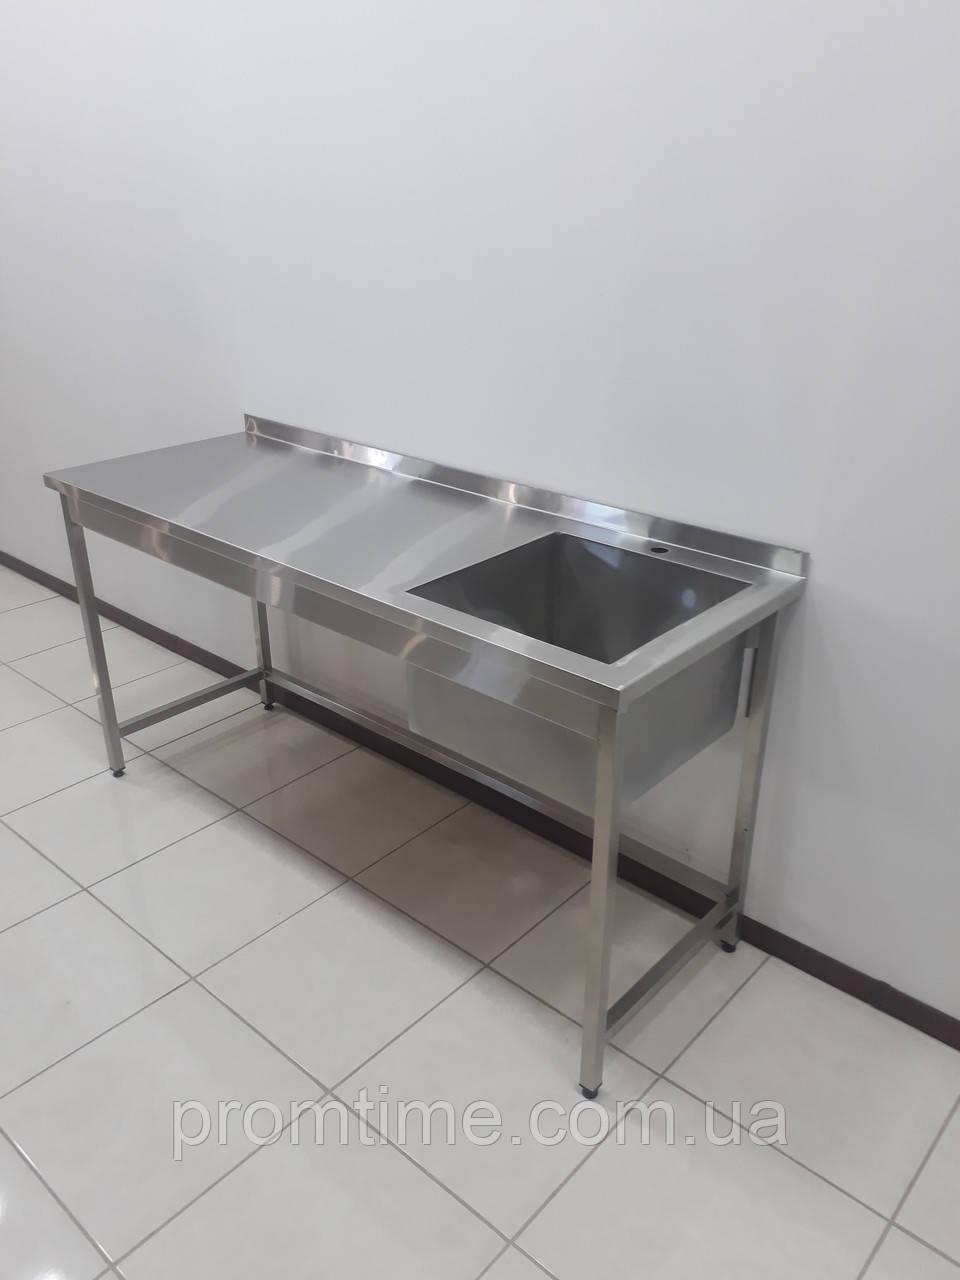 Стол мойка для ресторанной кухни из нержавеющей стали 1500х600х850